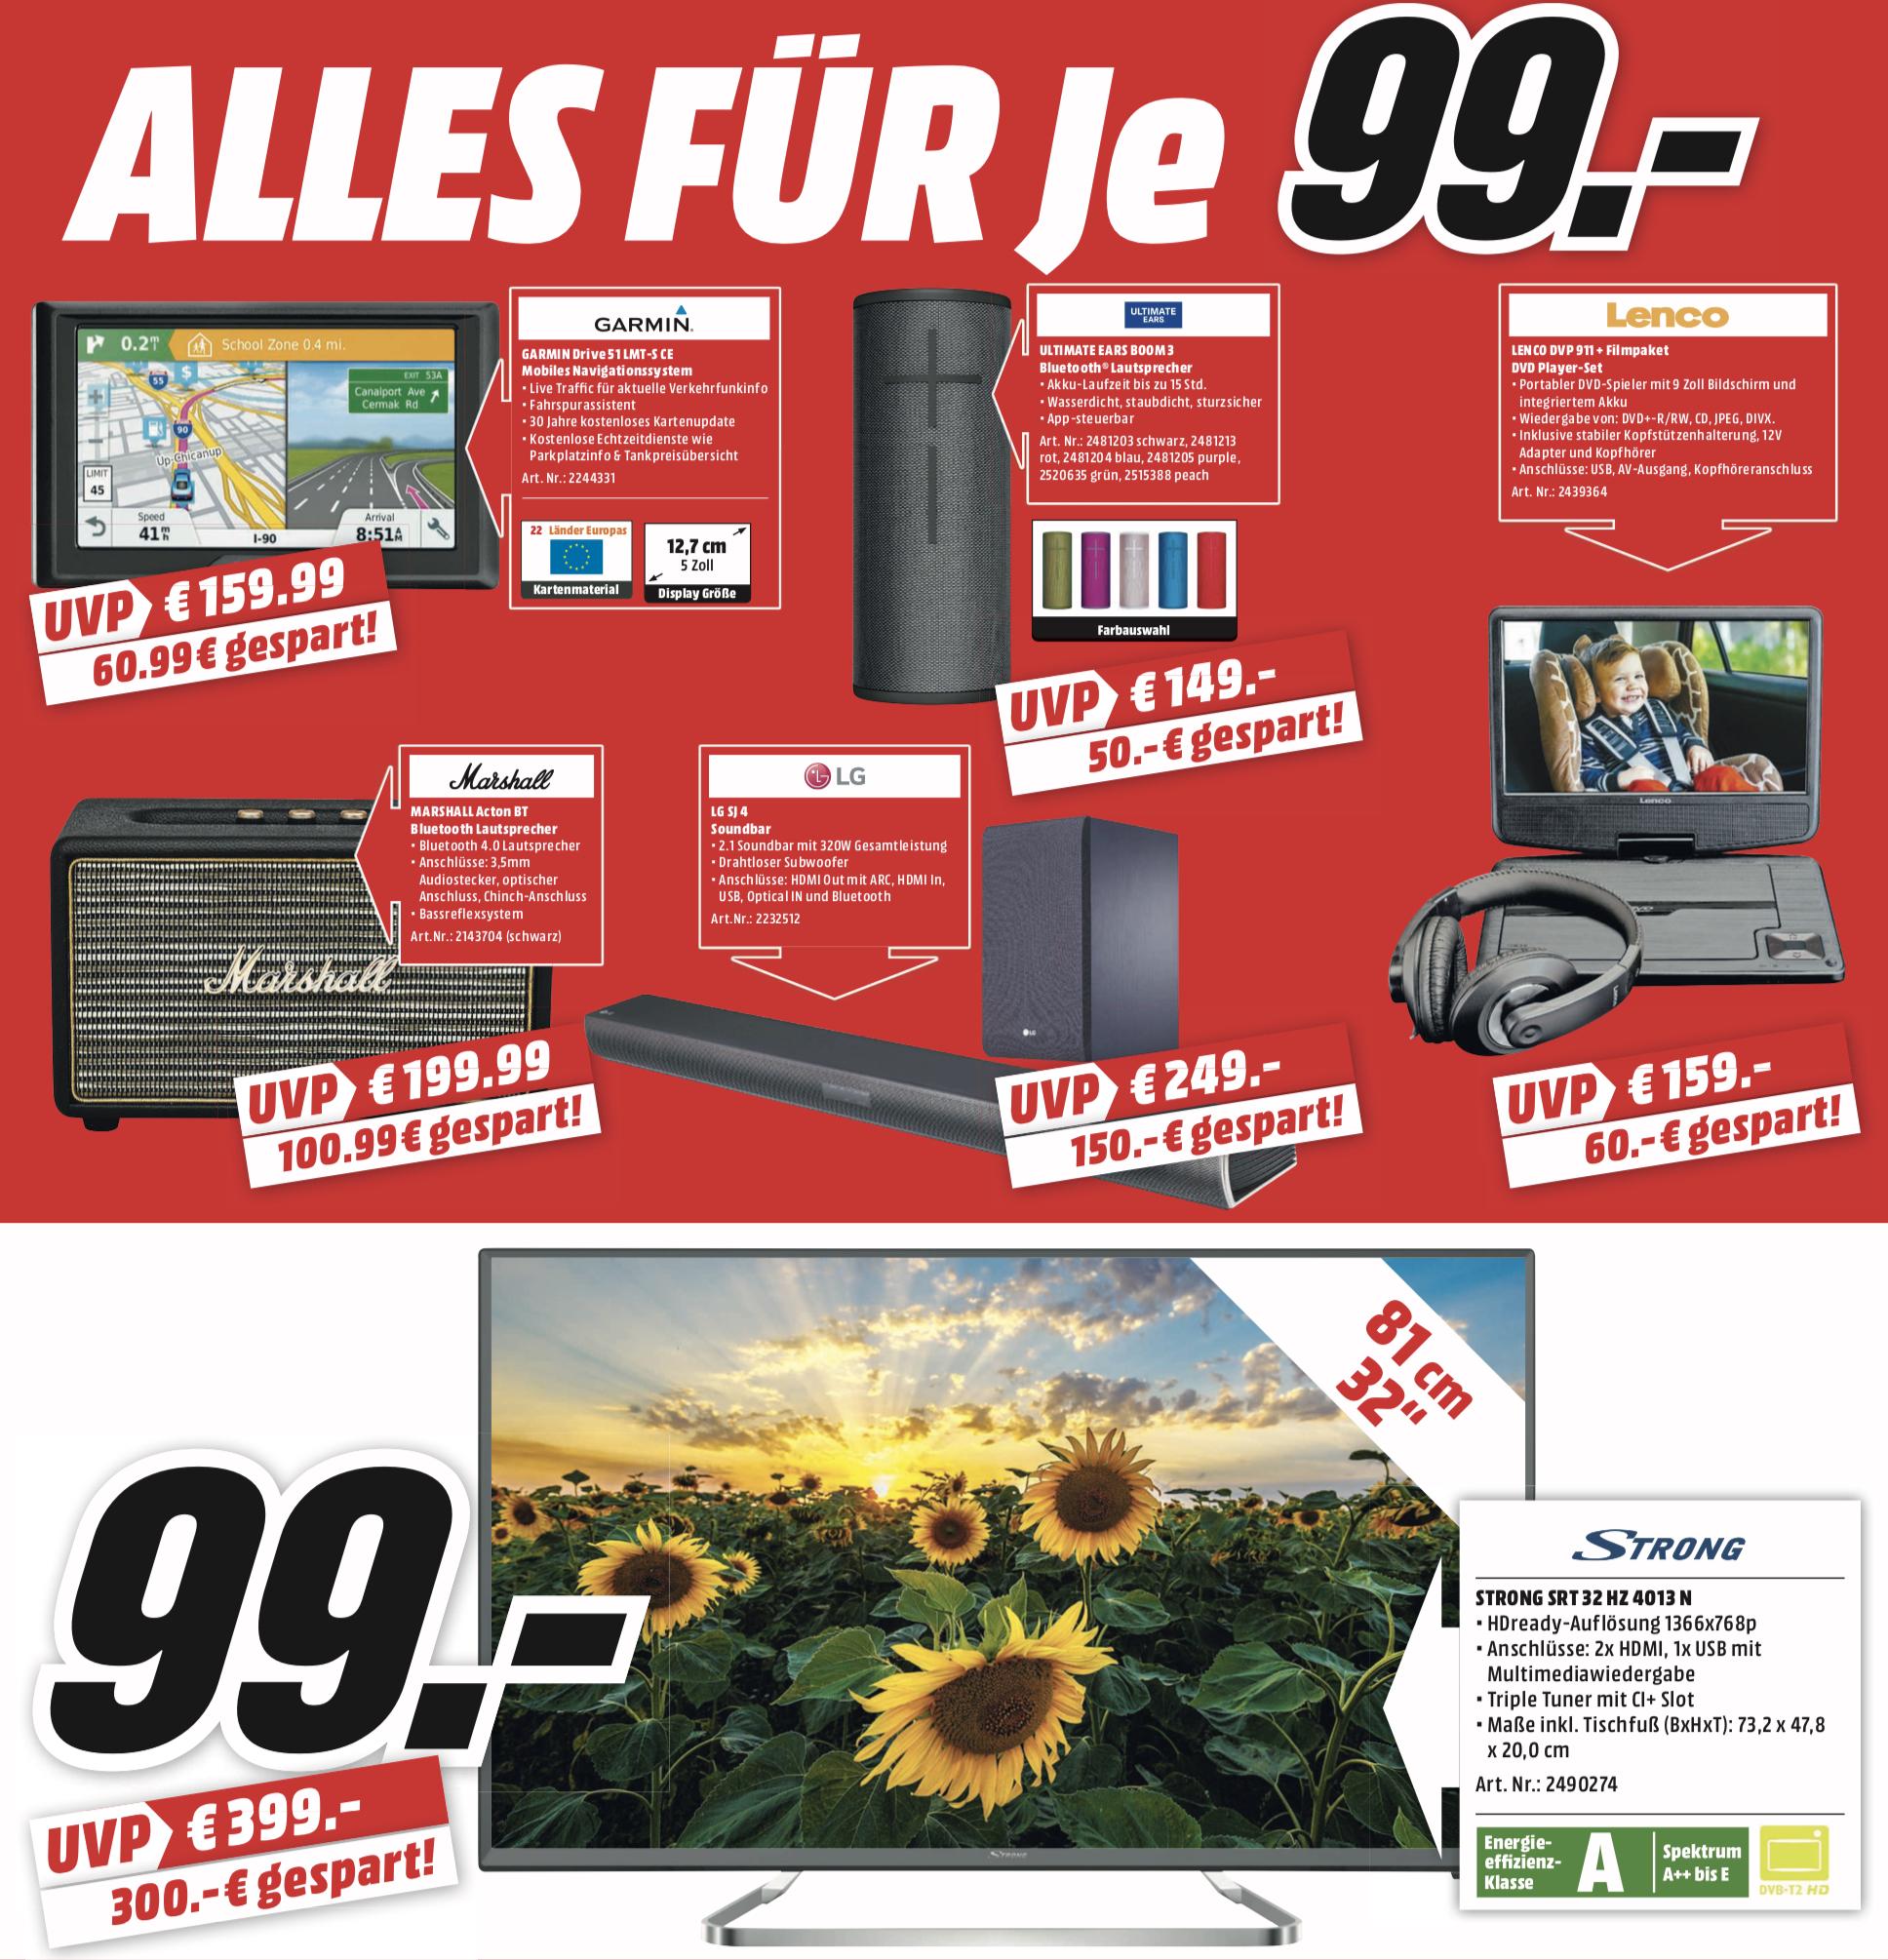 Lokal MediaMarkt Dortmund: Alles 99€ - z.B. LG SJ4 Soundbar o. Marshall Acton BT Bluetooth Lautsprecher o. Strong 32 Zoll LCD-TV je 99€